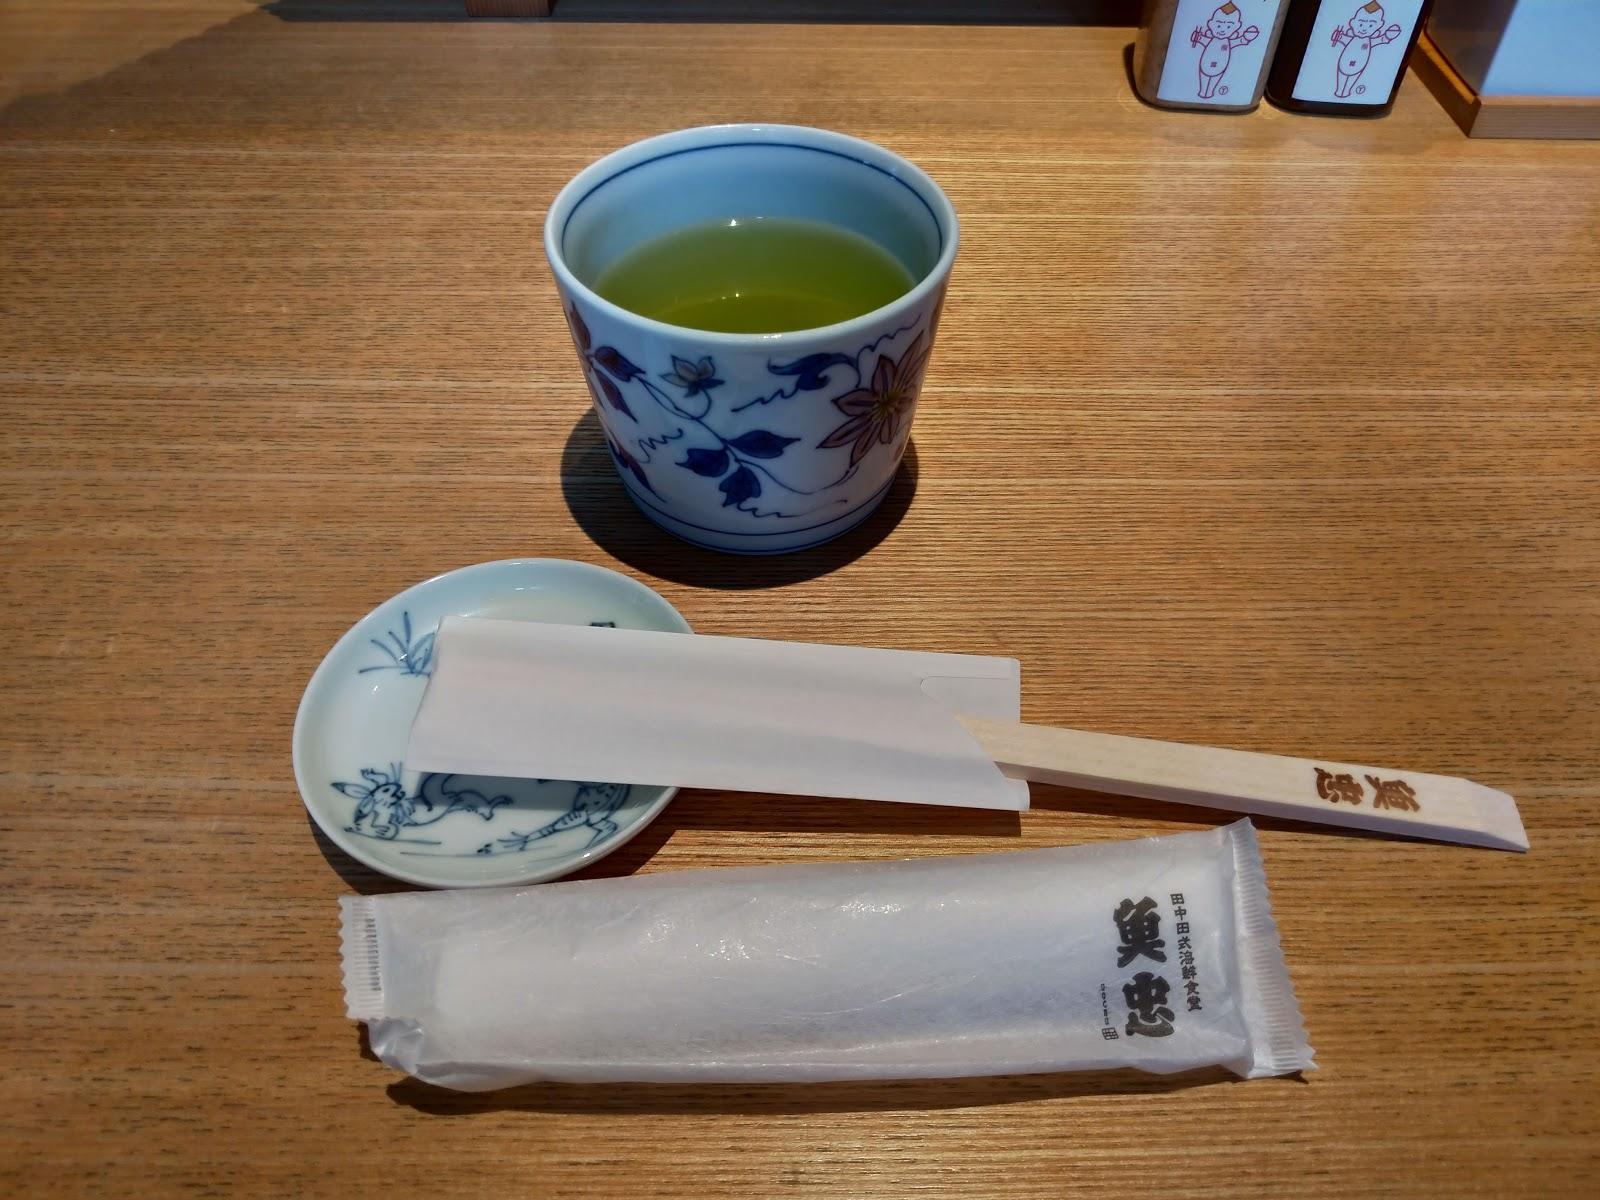 お箸【福岡グルメ】福岡市今泉 魚忠でうに、いくら、まぐろの魚忠丼ランチがおすすめです!